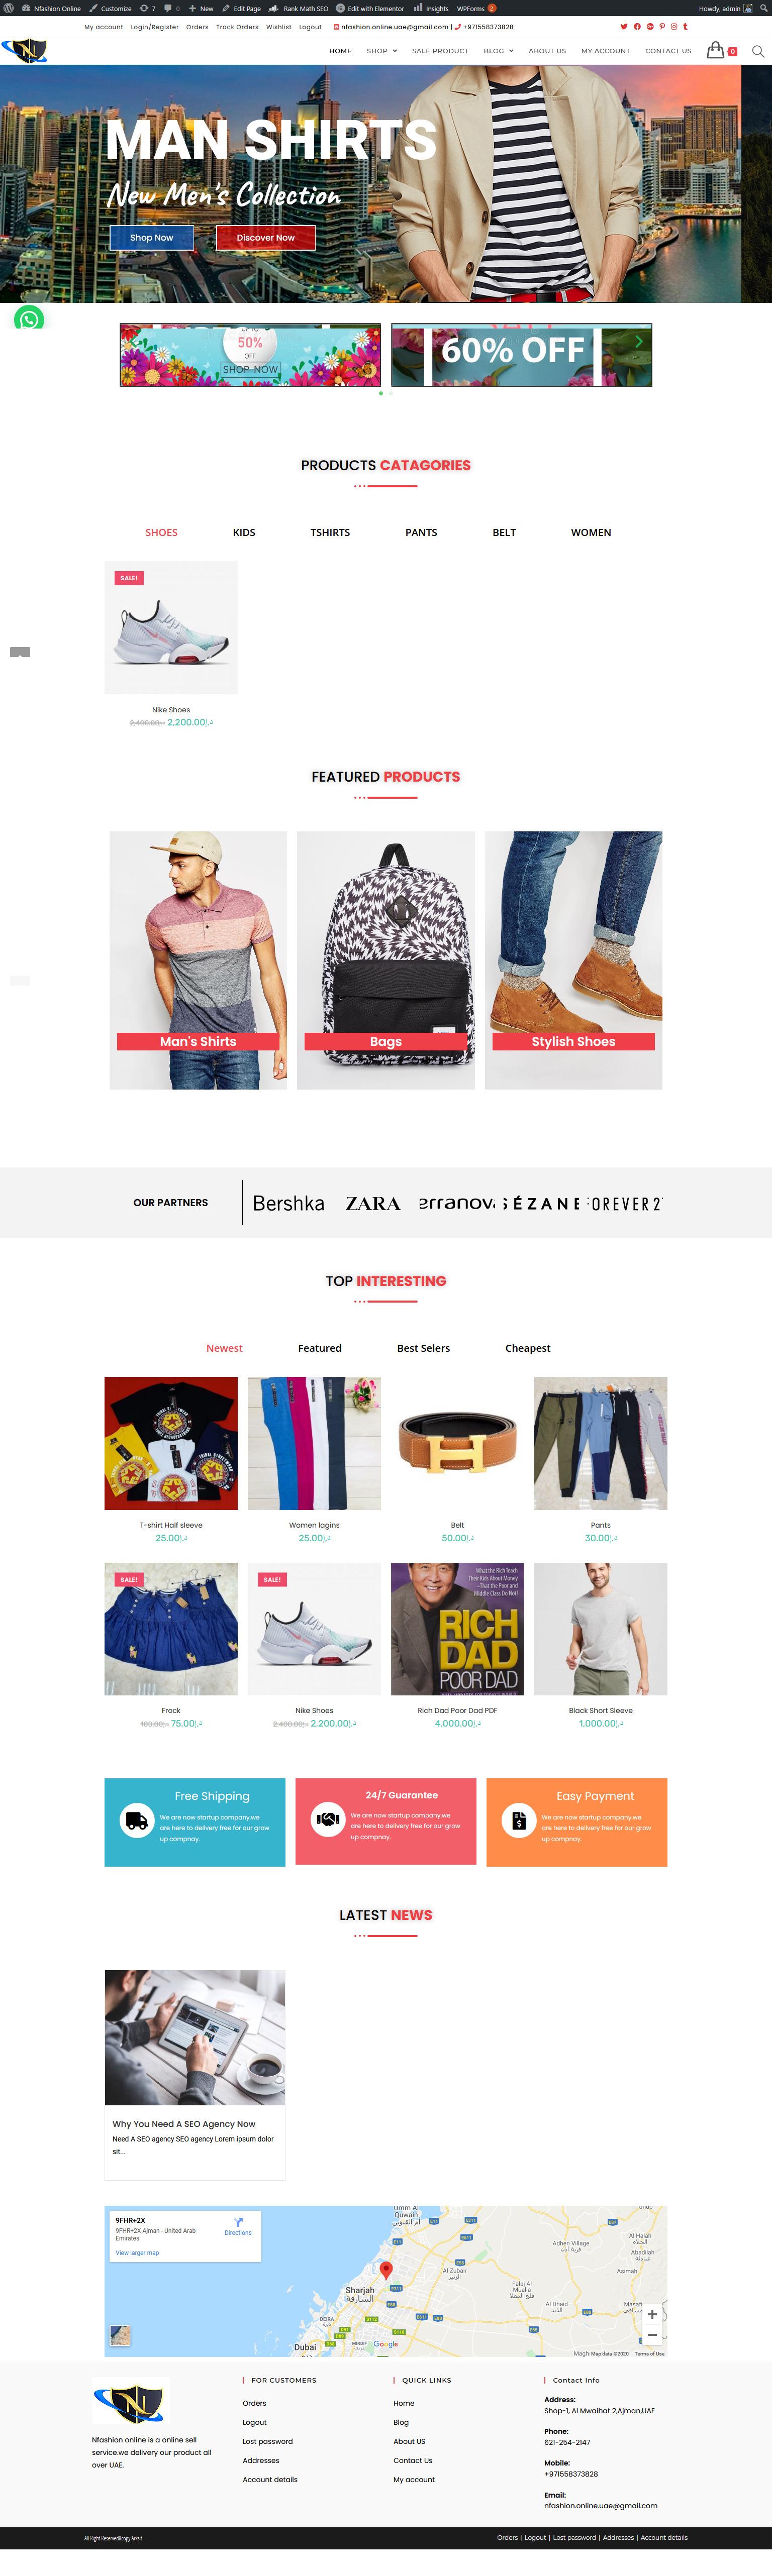 Build ecommerce website in wordpress woocommerce